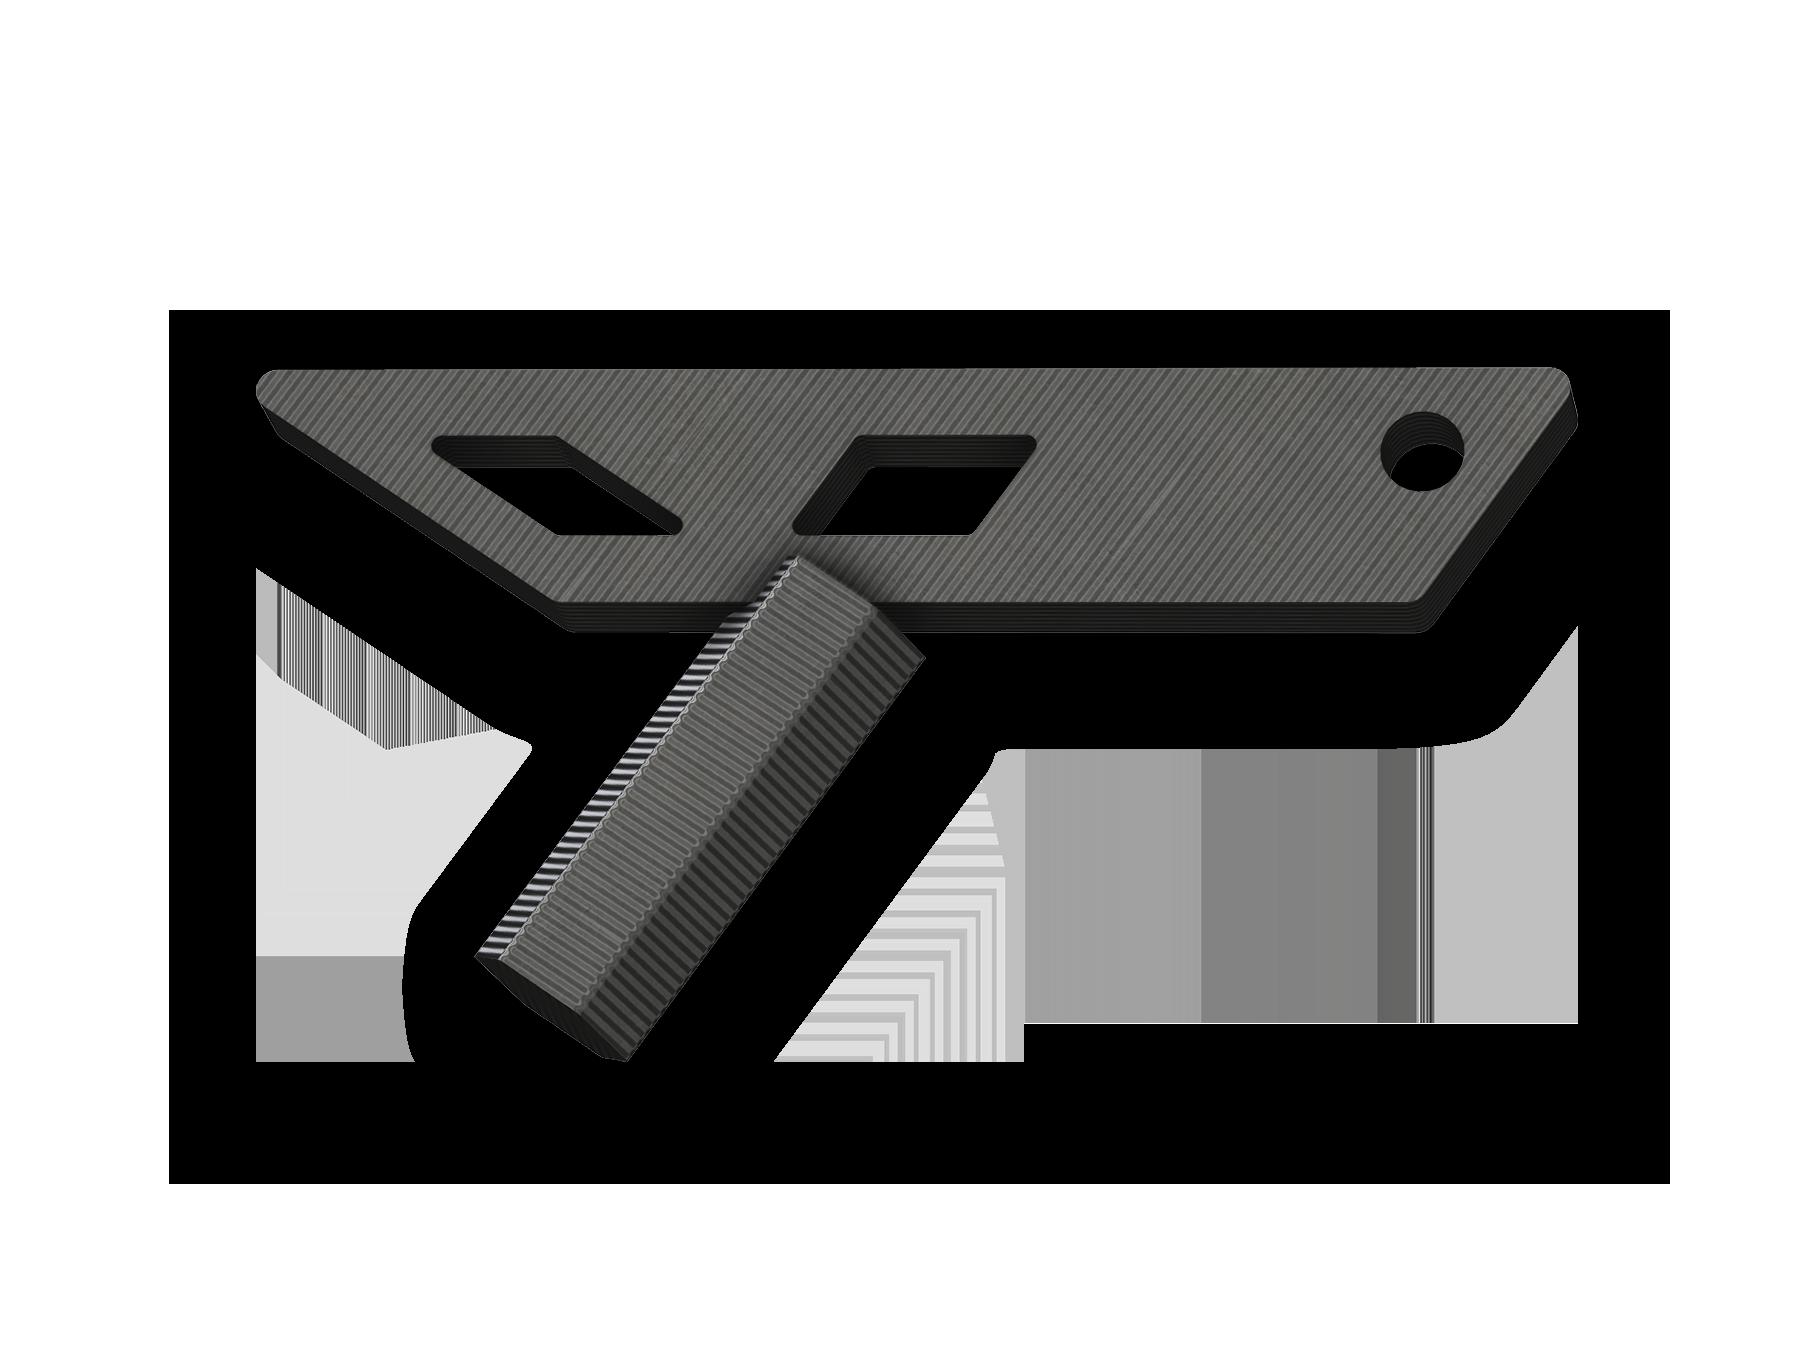 Sleutel_BeeldMateriaal_3_(3D-model)-transparant